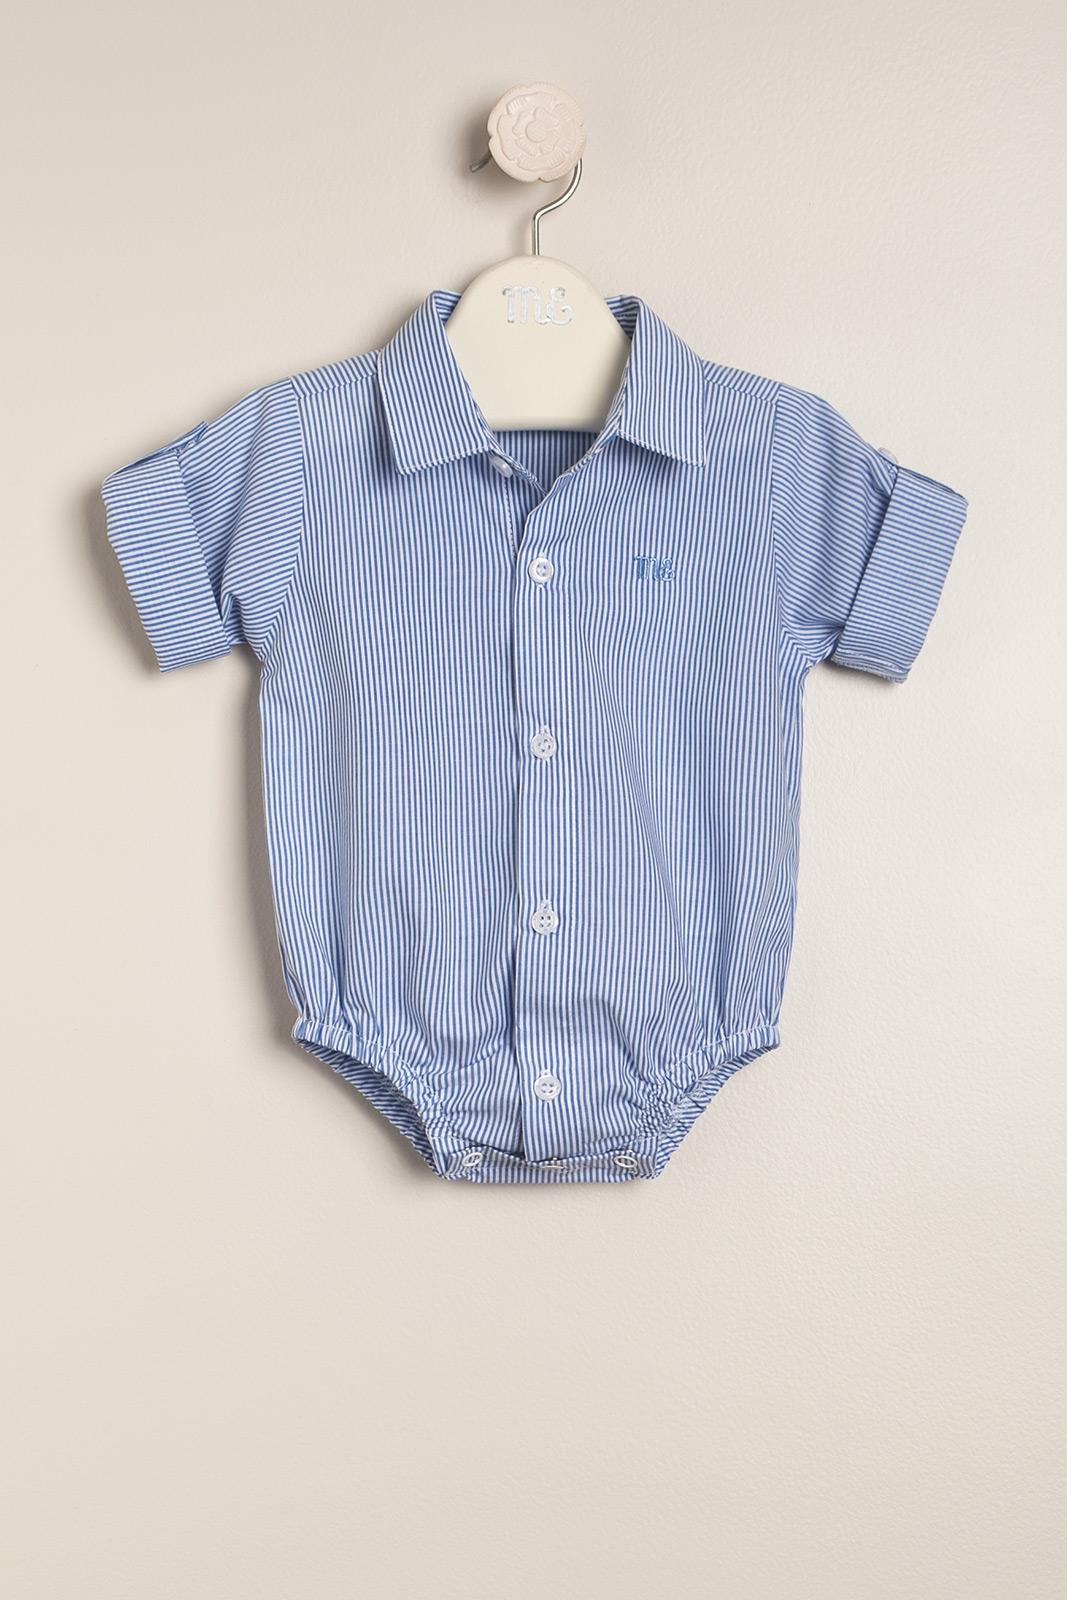 Body camisa santino bl/cel